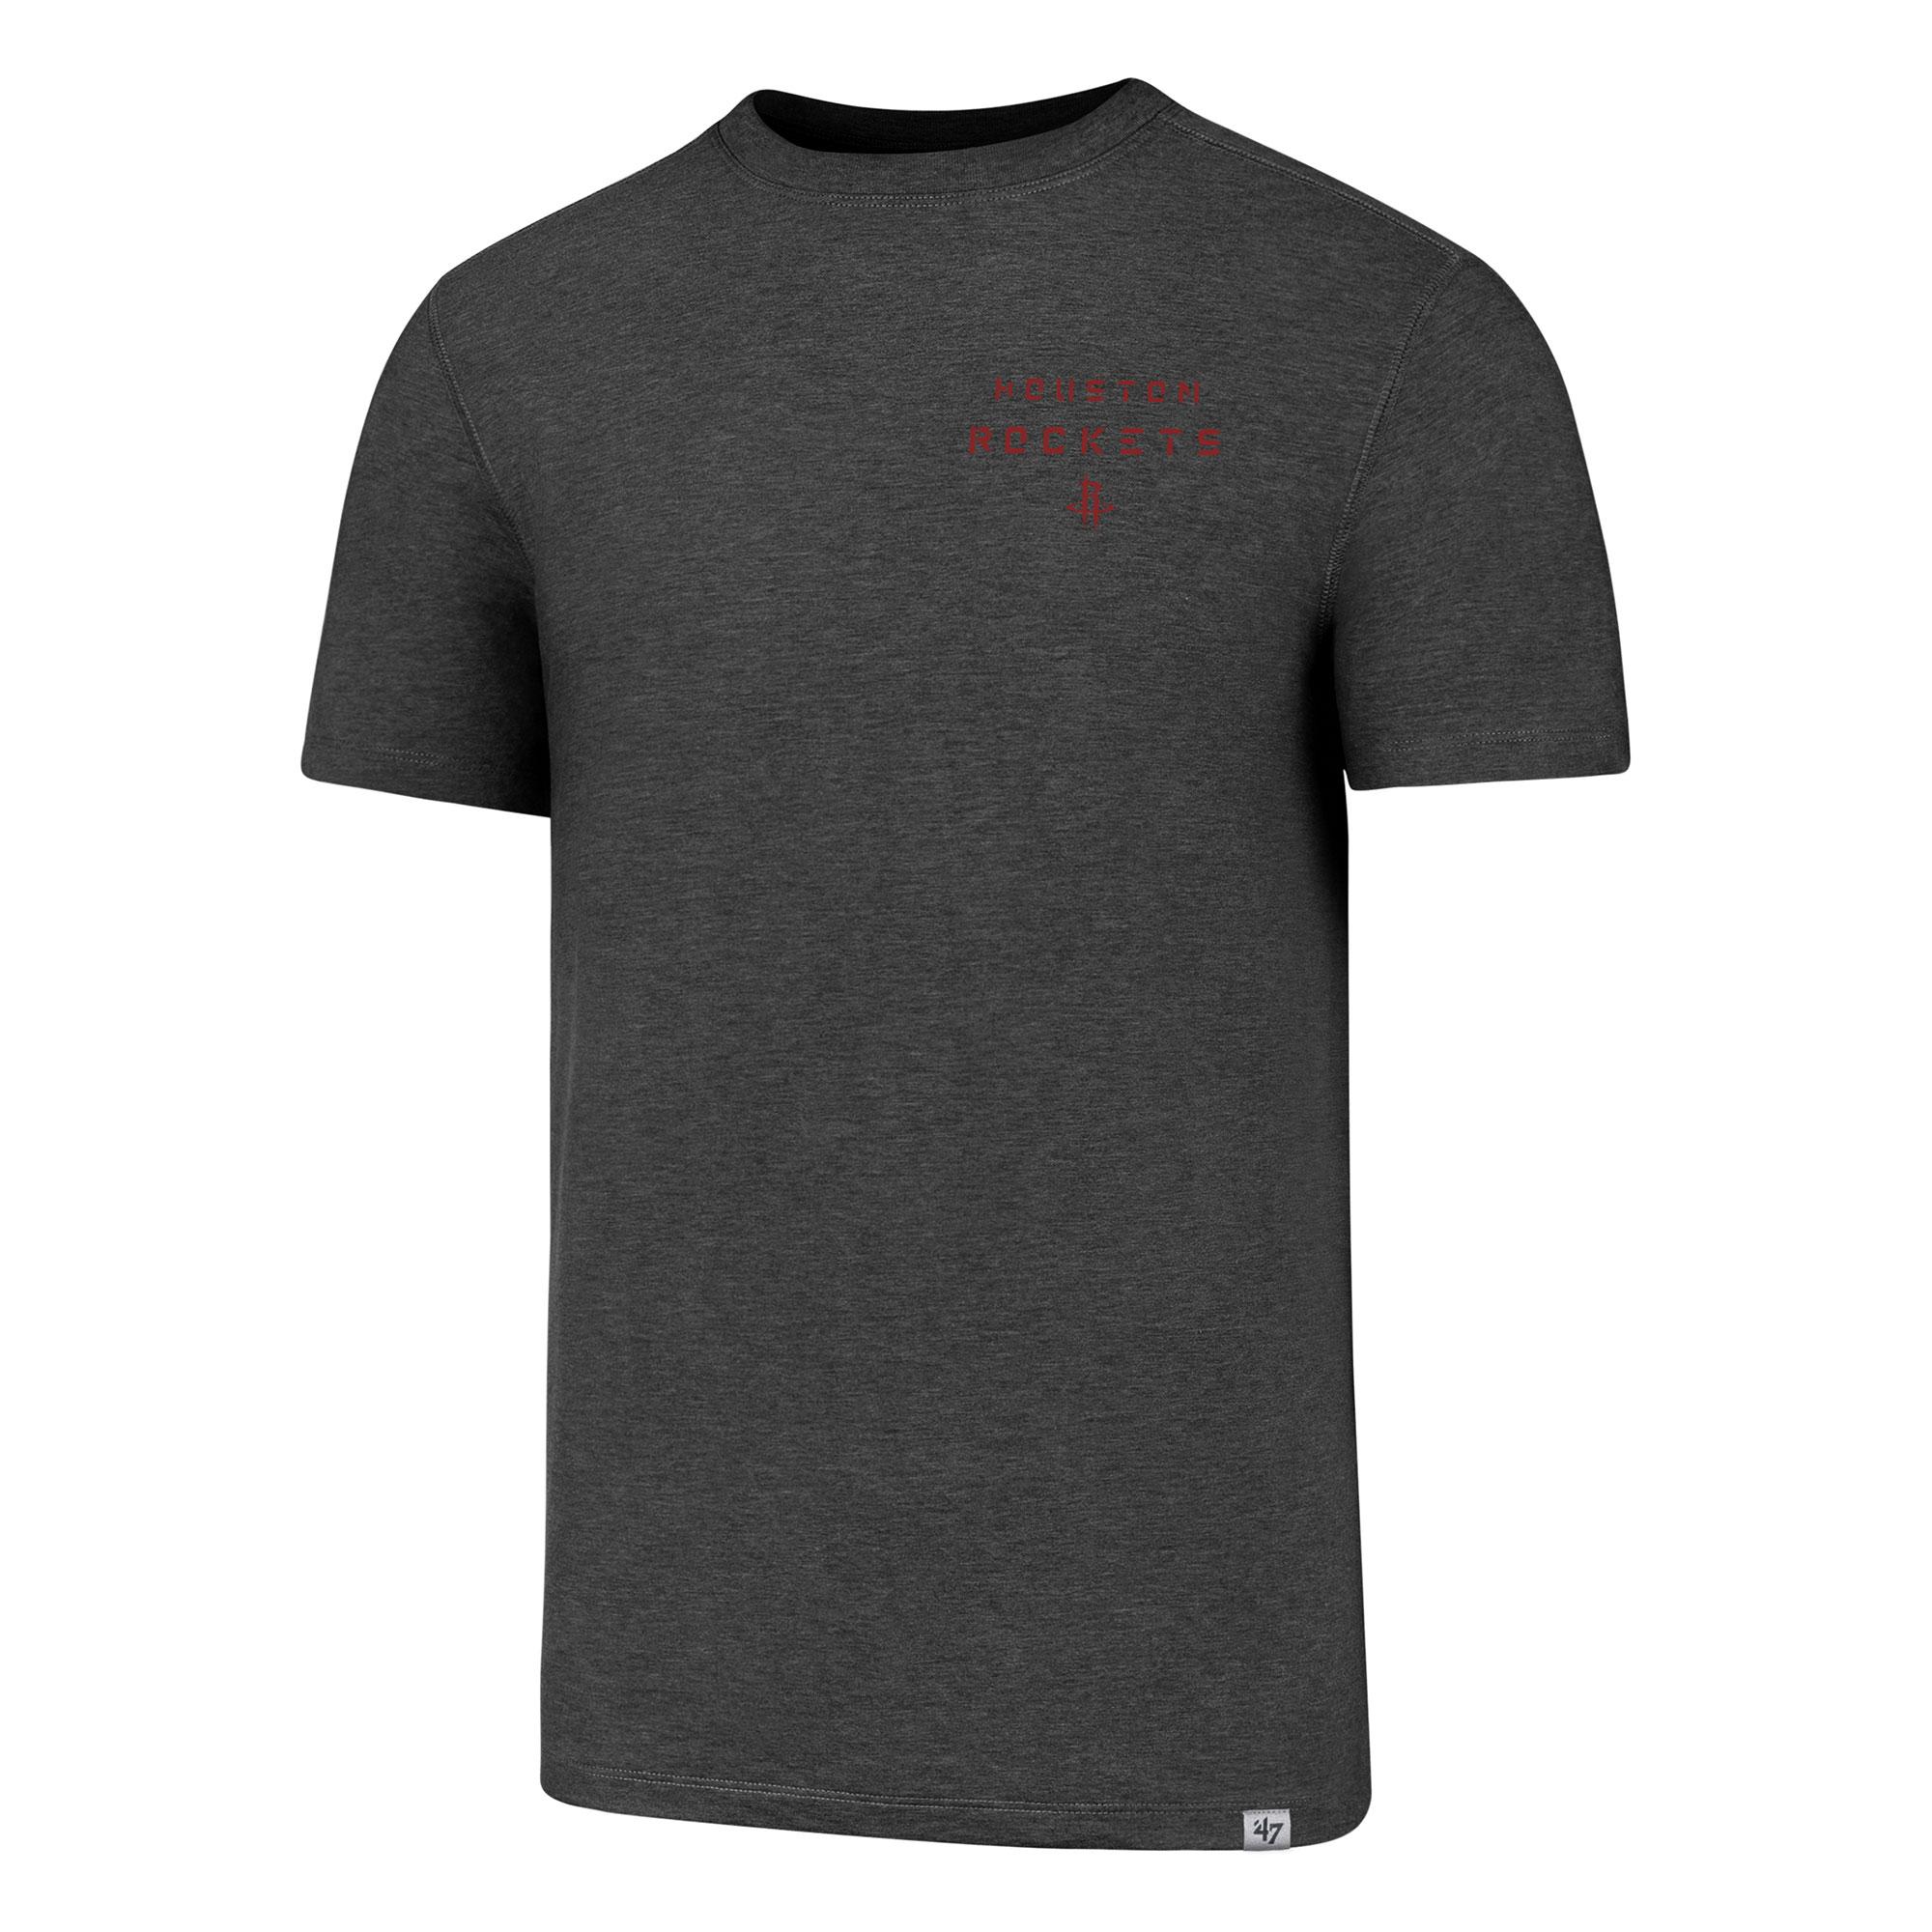 Camiseta 47 Forward Gravity de los Houston Rockets para hombre